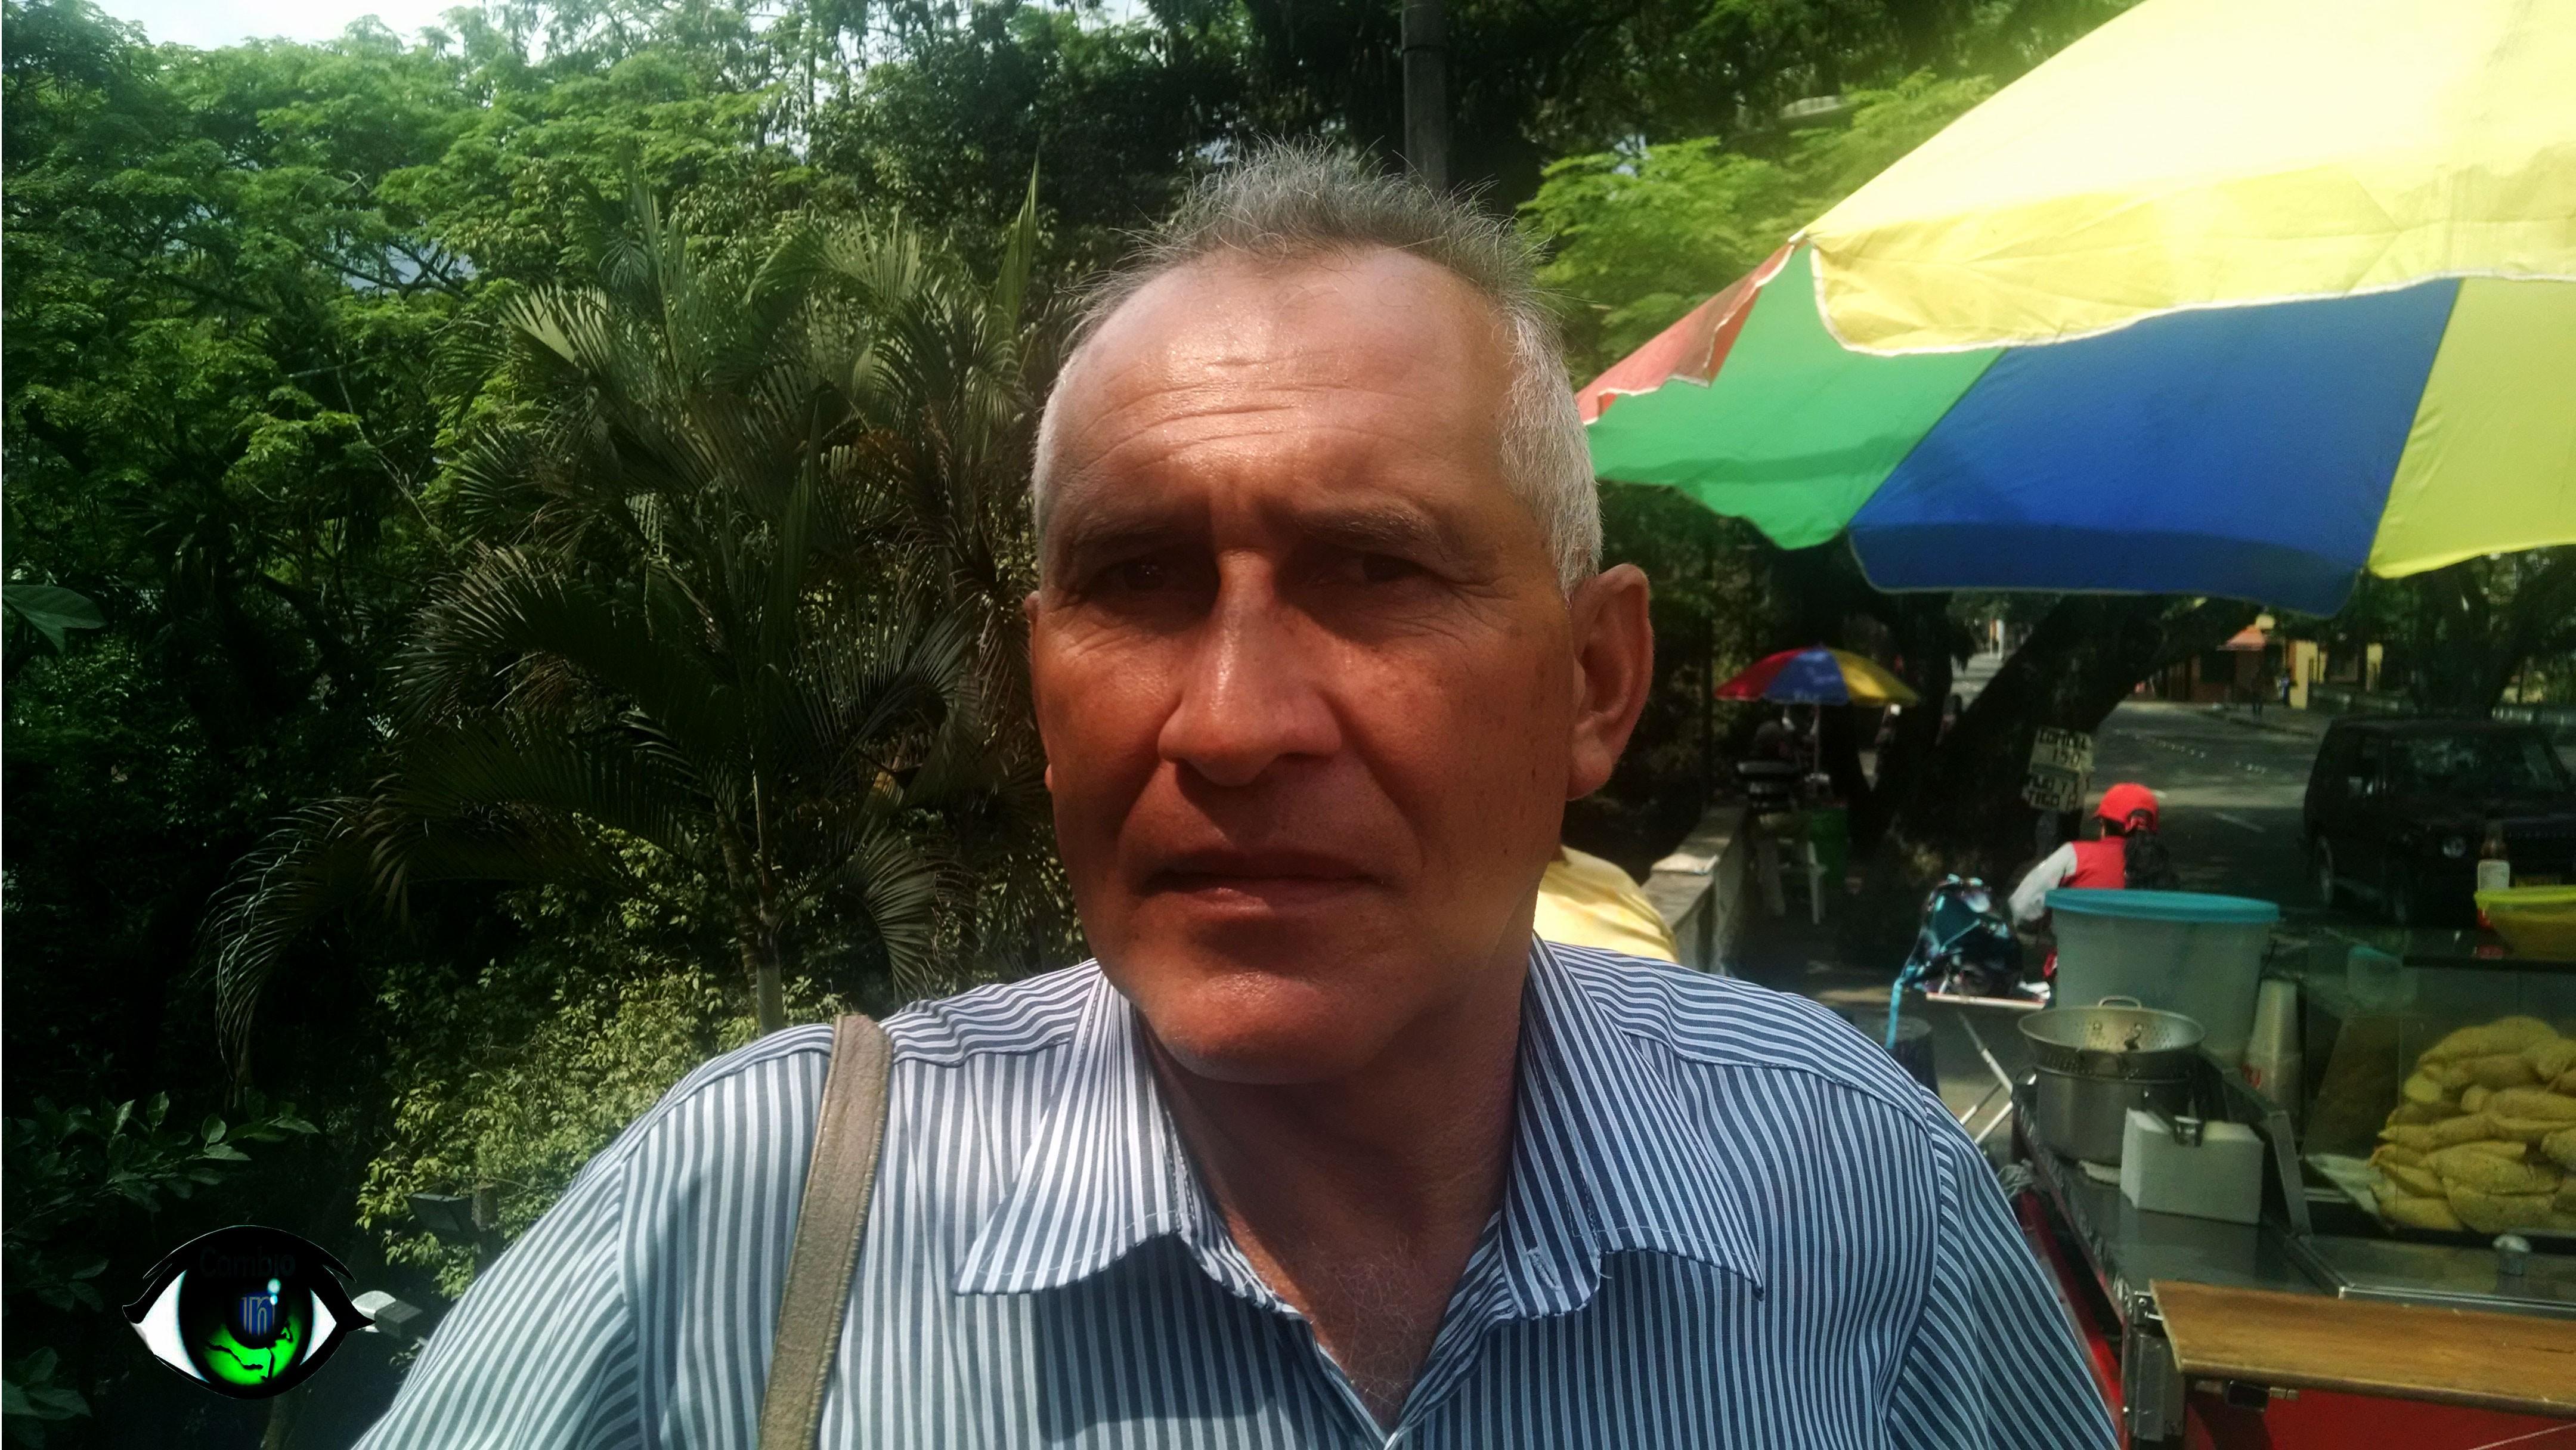 Escándalo. Denuncian que la alcaldía habría pagado más de mil millones de pesos para legalizar un Barrio en Ibagué